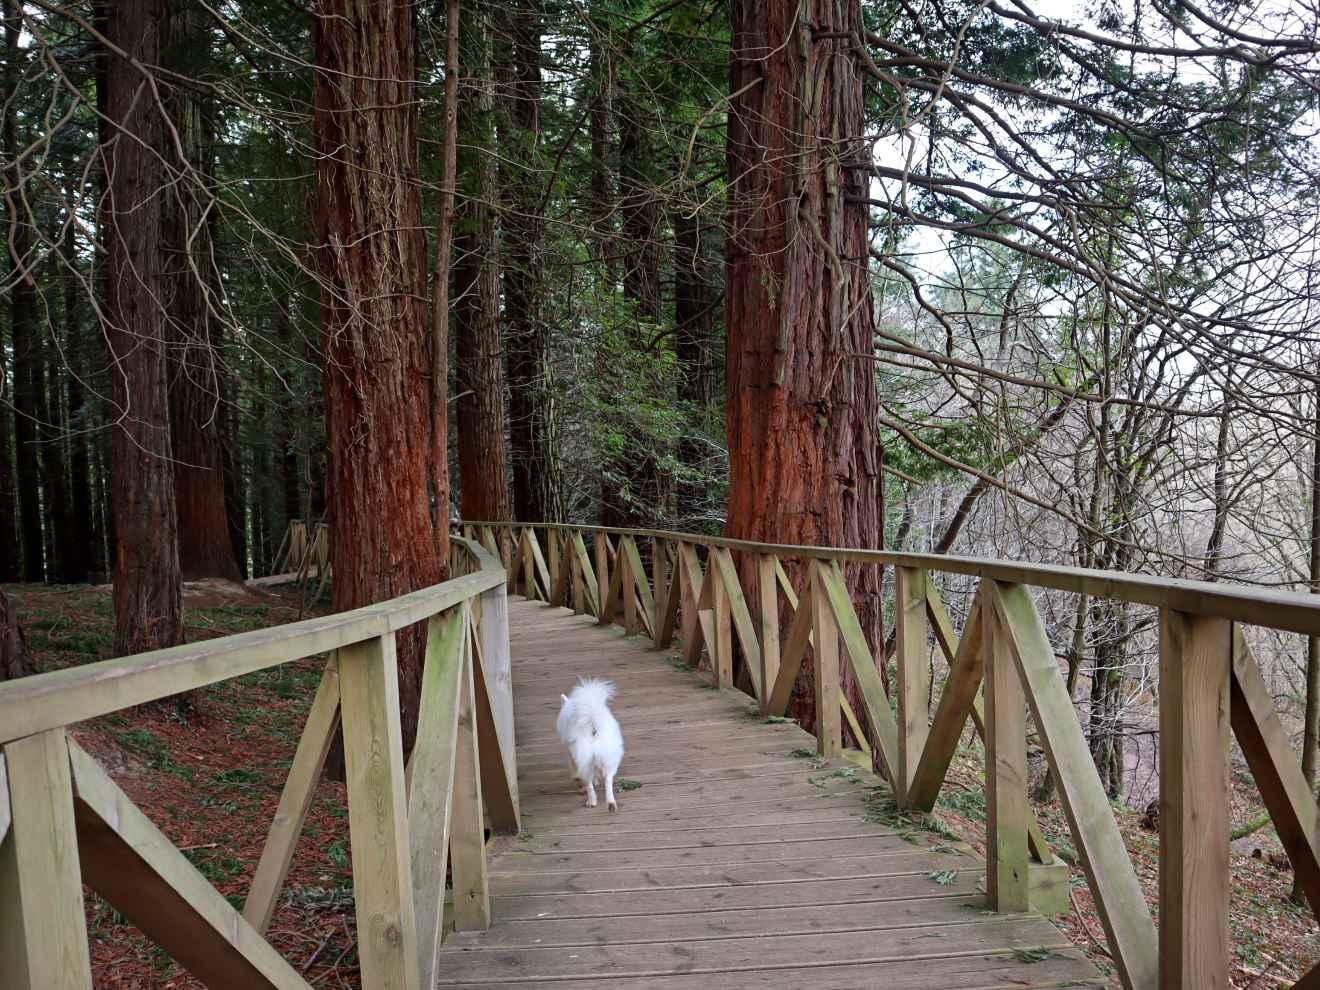 Pasarela del Bosque de Secuoyas